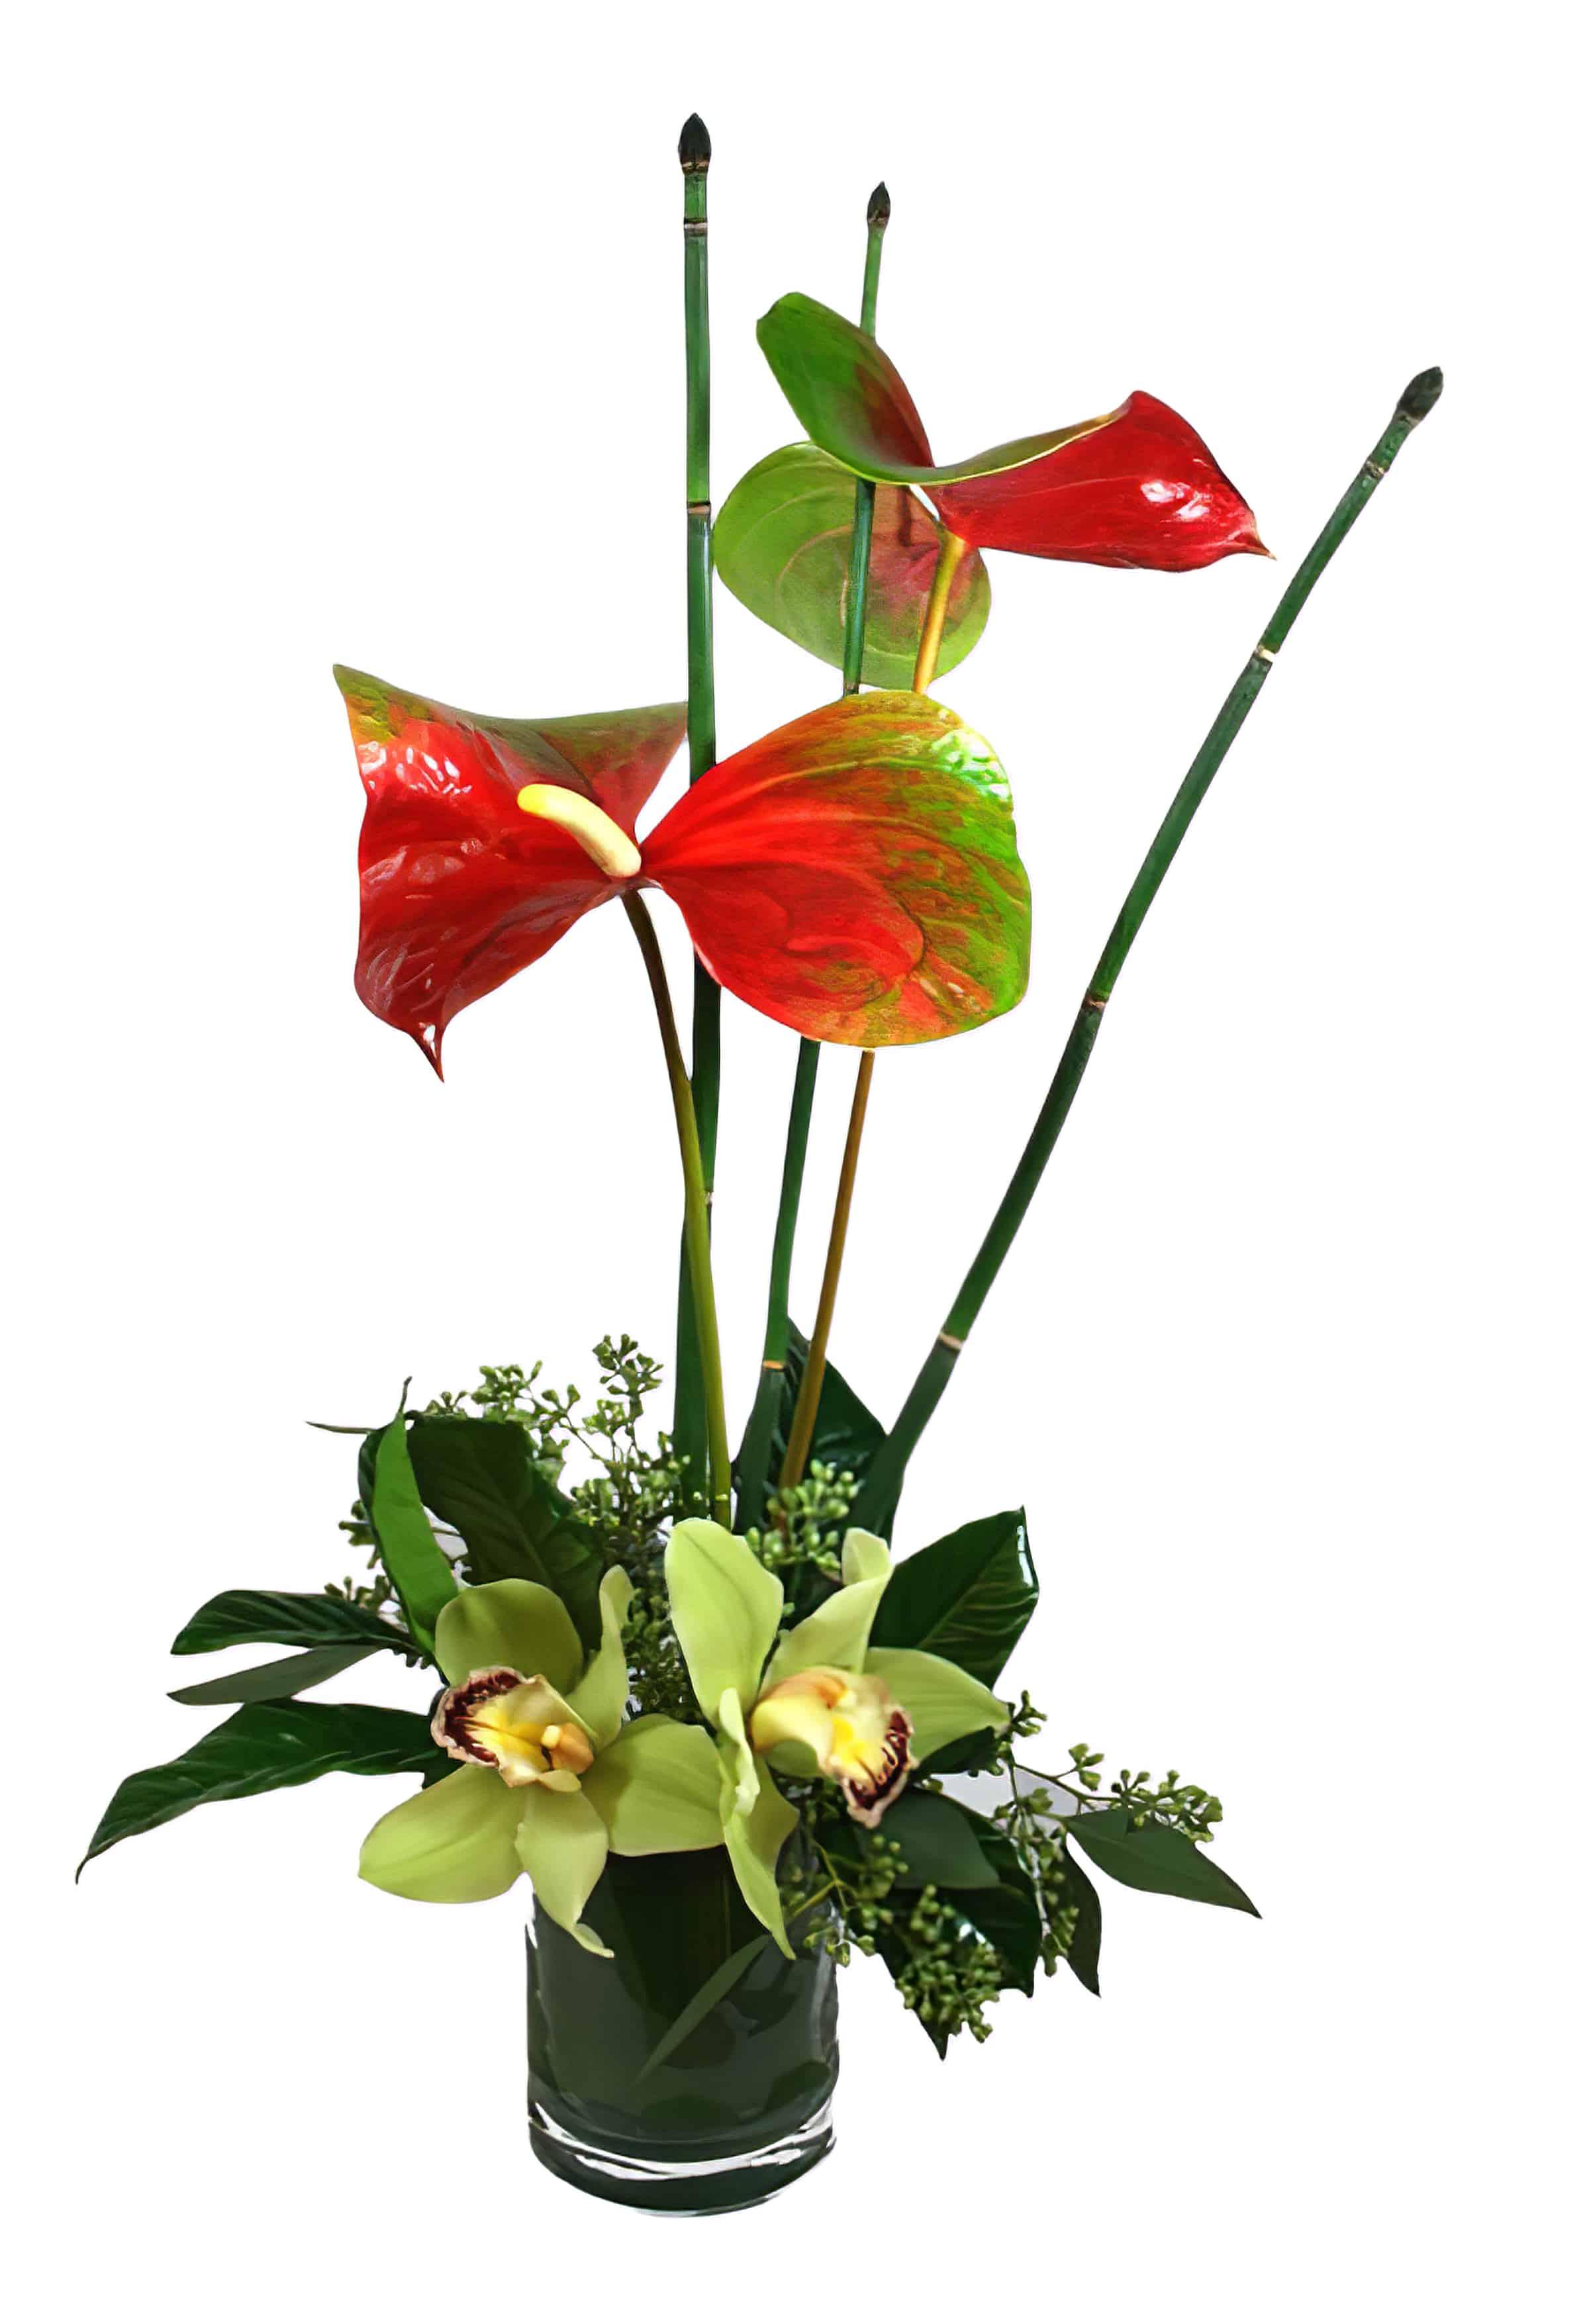 Hawaii Six-O Flower Arrangement